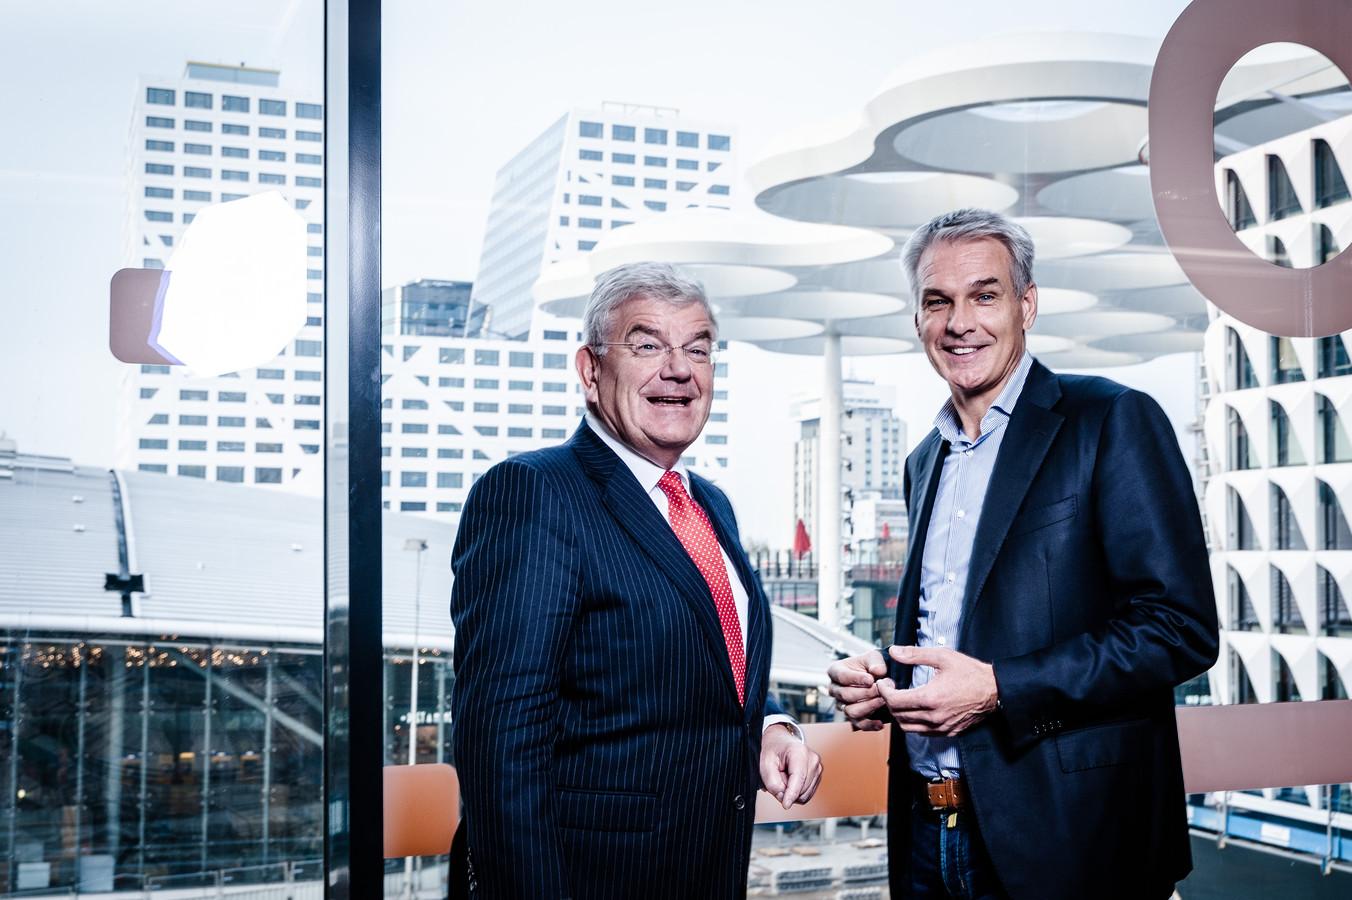 VodafoneZiggo ceo Jeroen Hoencamp vorig jaar oktober met burgemeester van Utrecht Jan van Zanen. Hoencamp beloofde toen Utrecht als eerste het nieuwe Gigabit-internet te geven.